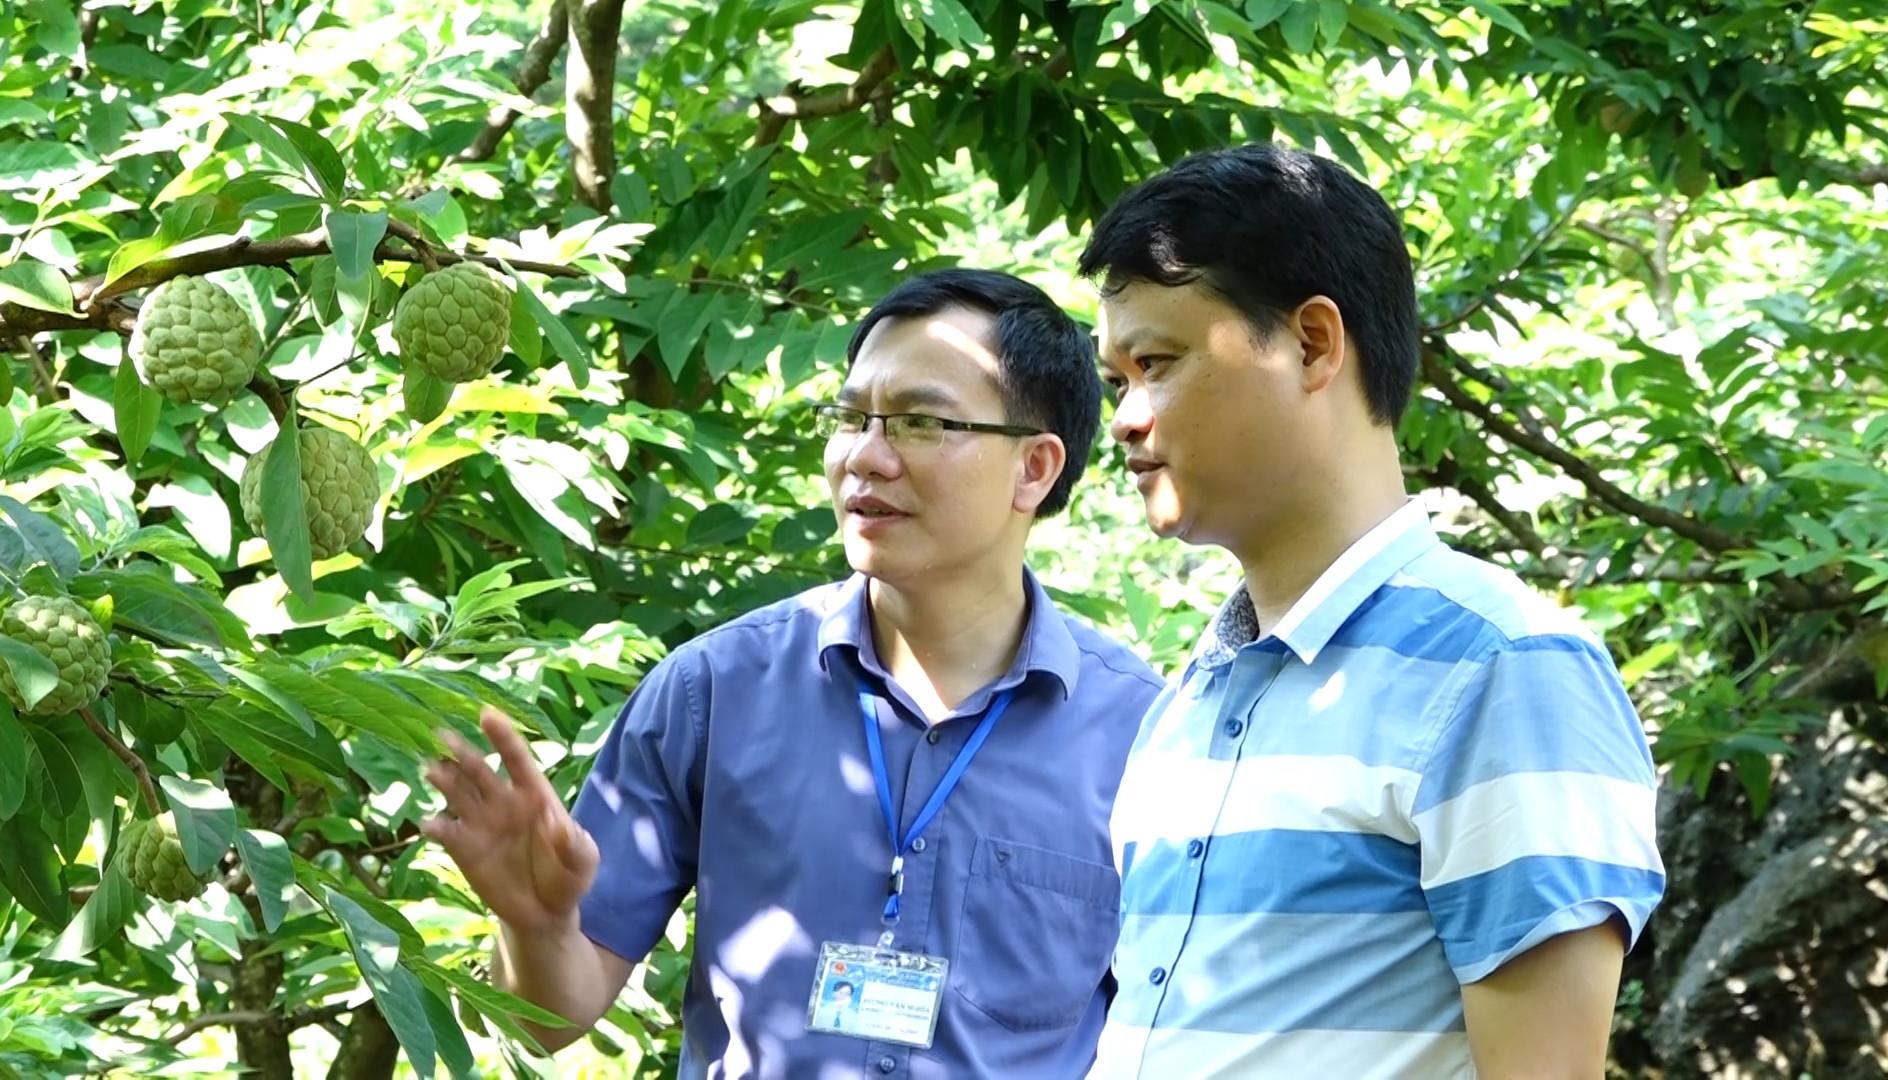 Anh Lương Thành Chung - Trưởng phòng Nông nghiệp và Phát triển Nông thôn huyện Chi Lăng (anh bên tay phải)